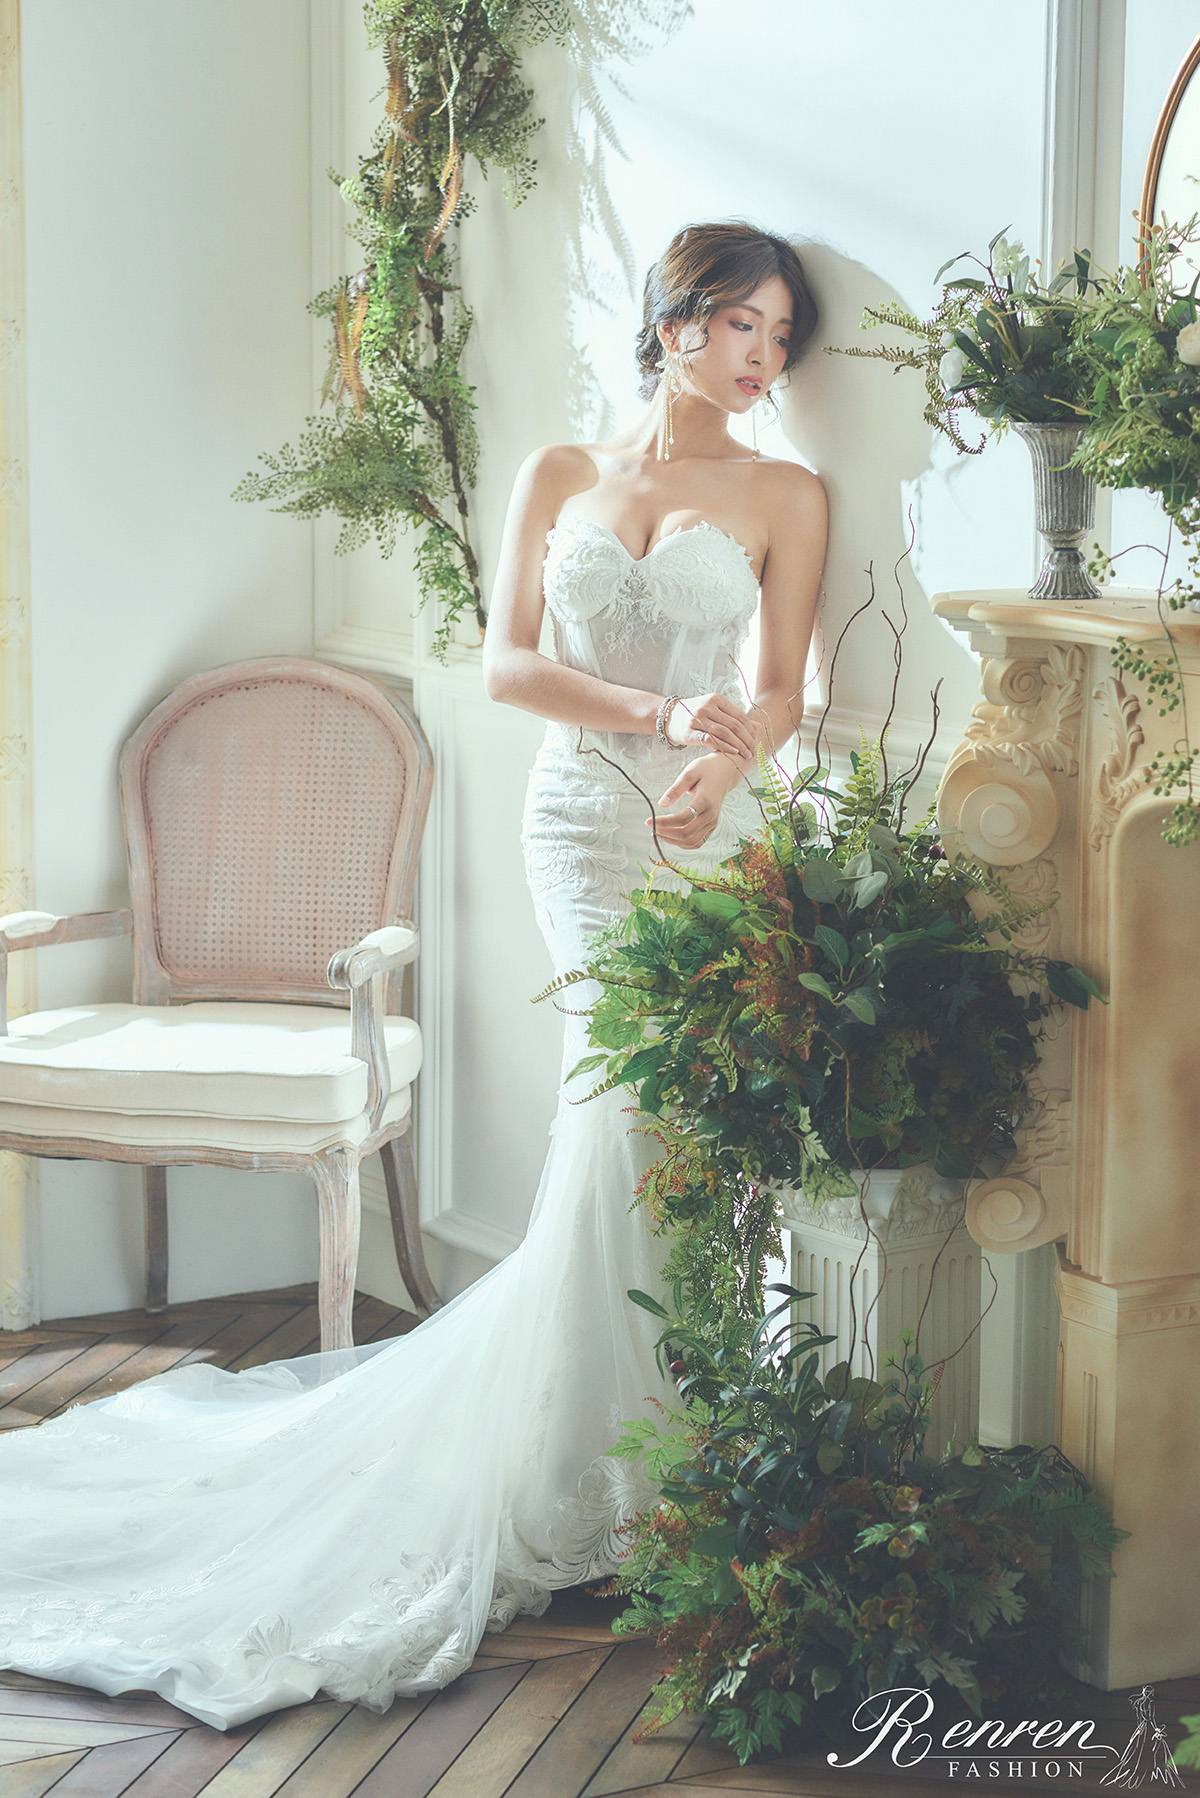 台中婚紗拍攝推薦-冉冉-白紗-魚尾-婚紗工作室